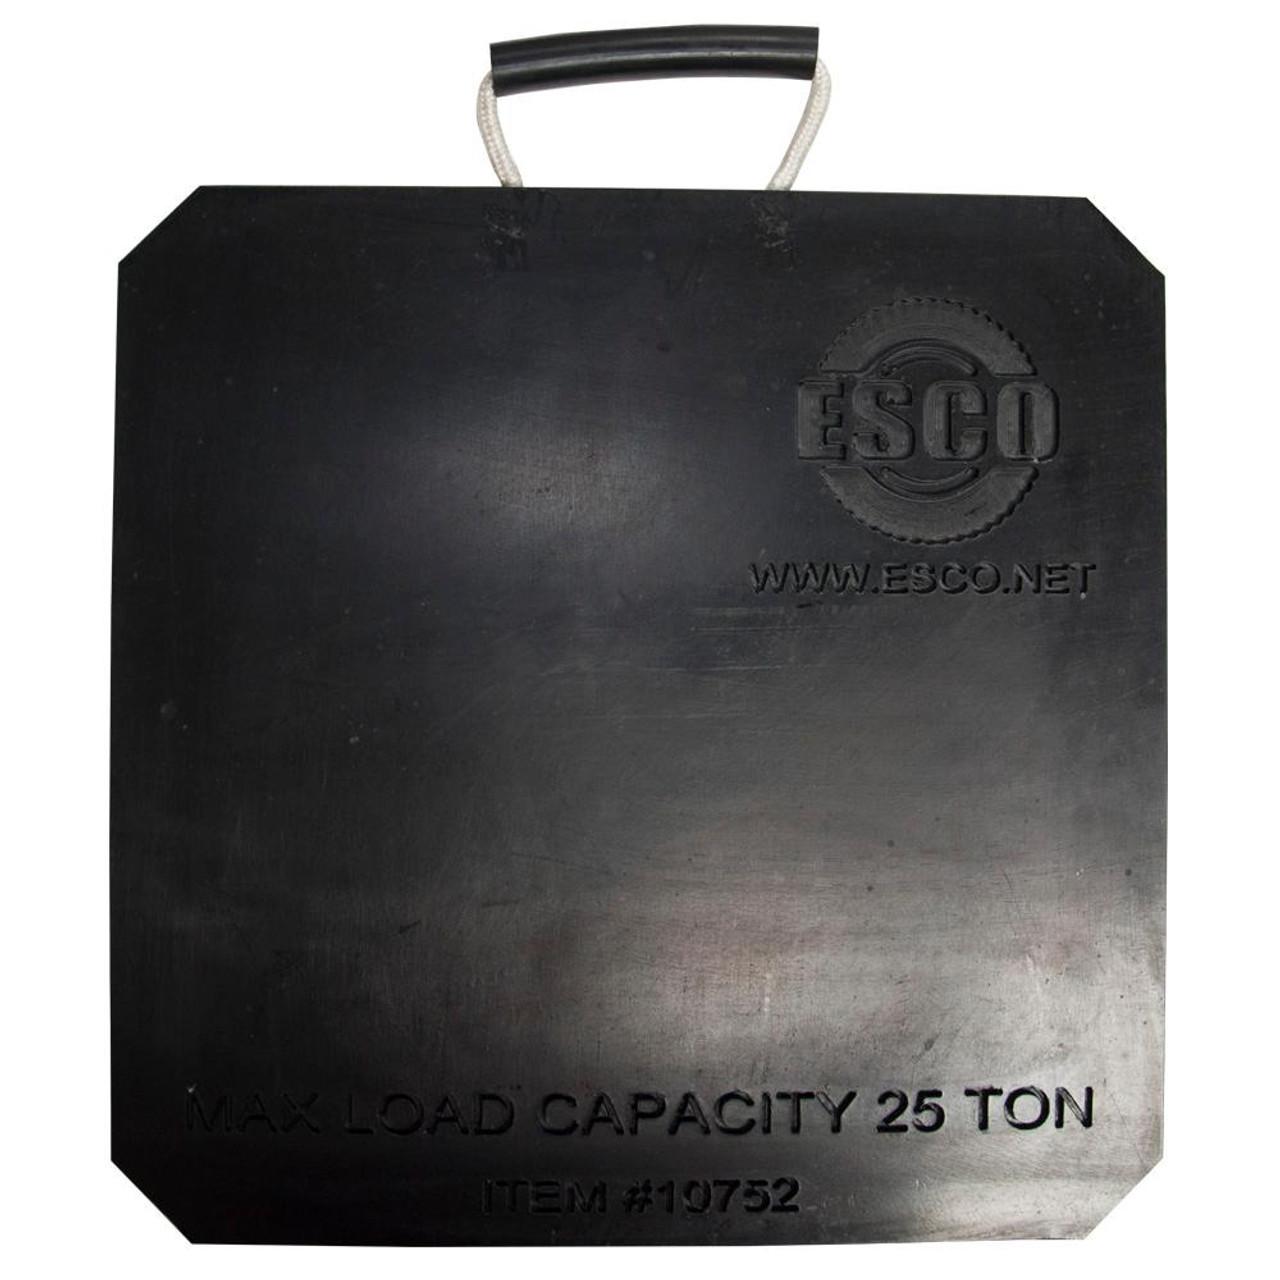 ESCO 10804 Heavy Duty Tall 25 Ton Jack Support Stand ESCO Equipment Supply Company